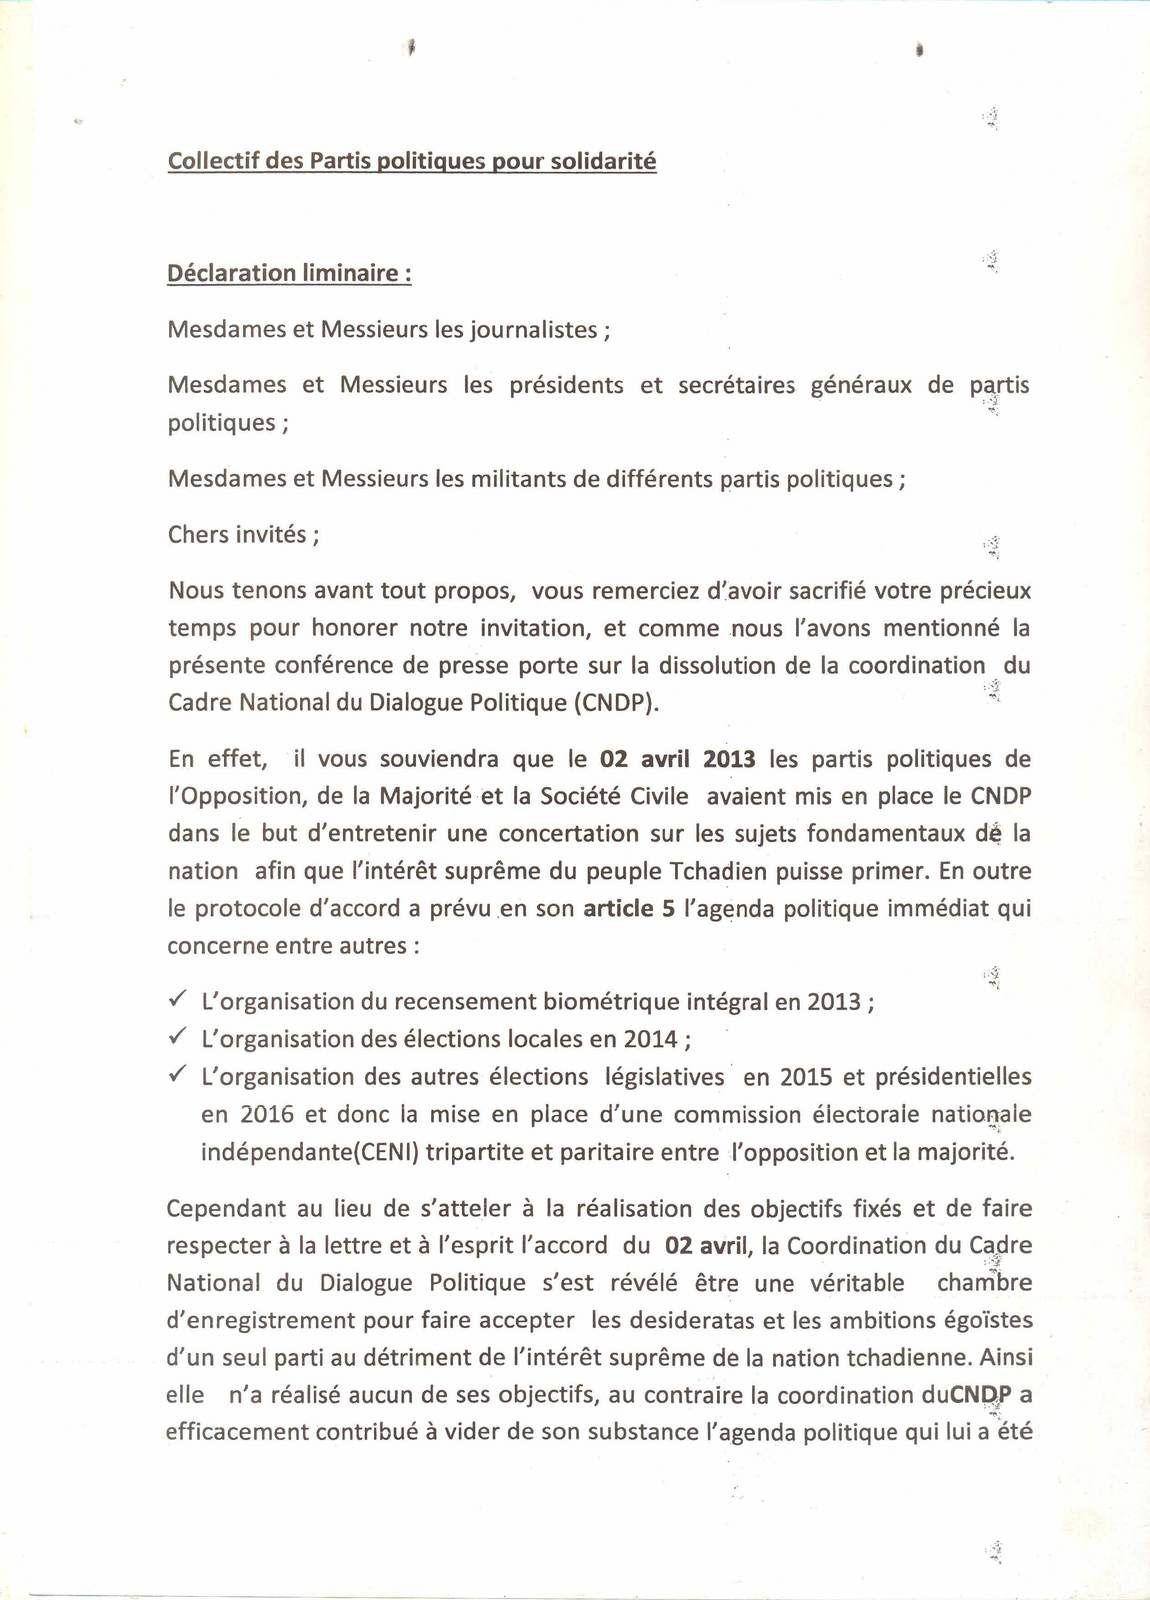 Tchad: le collectif des partis politiques pour la solidarité exige la dissolution du CNDP